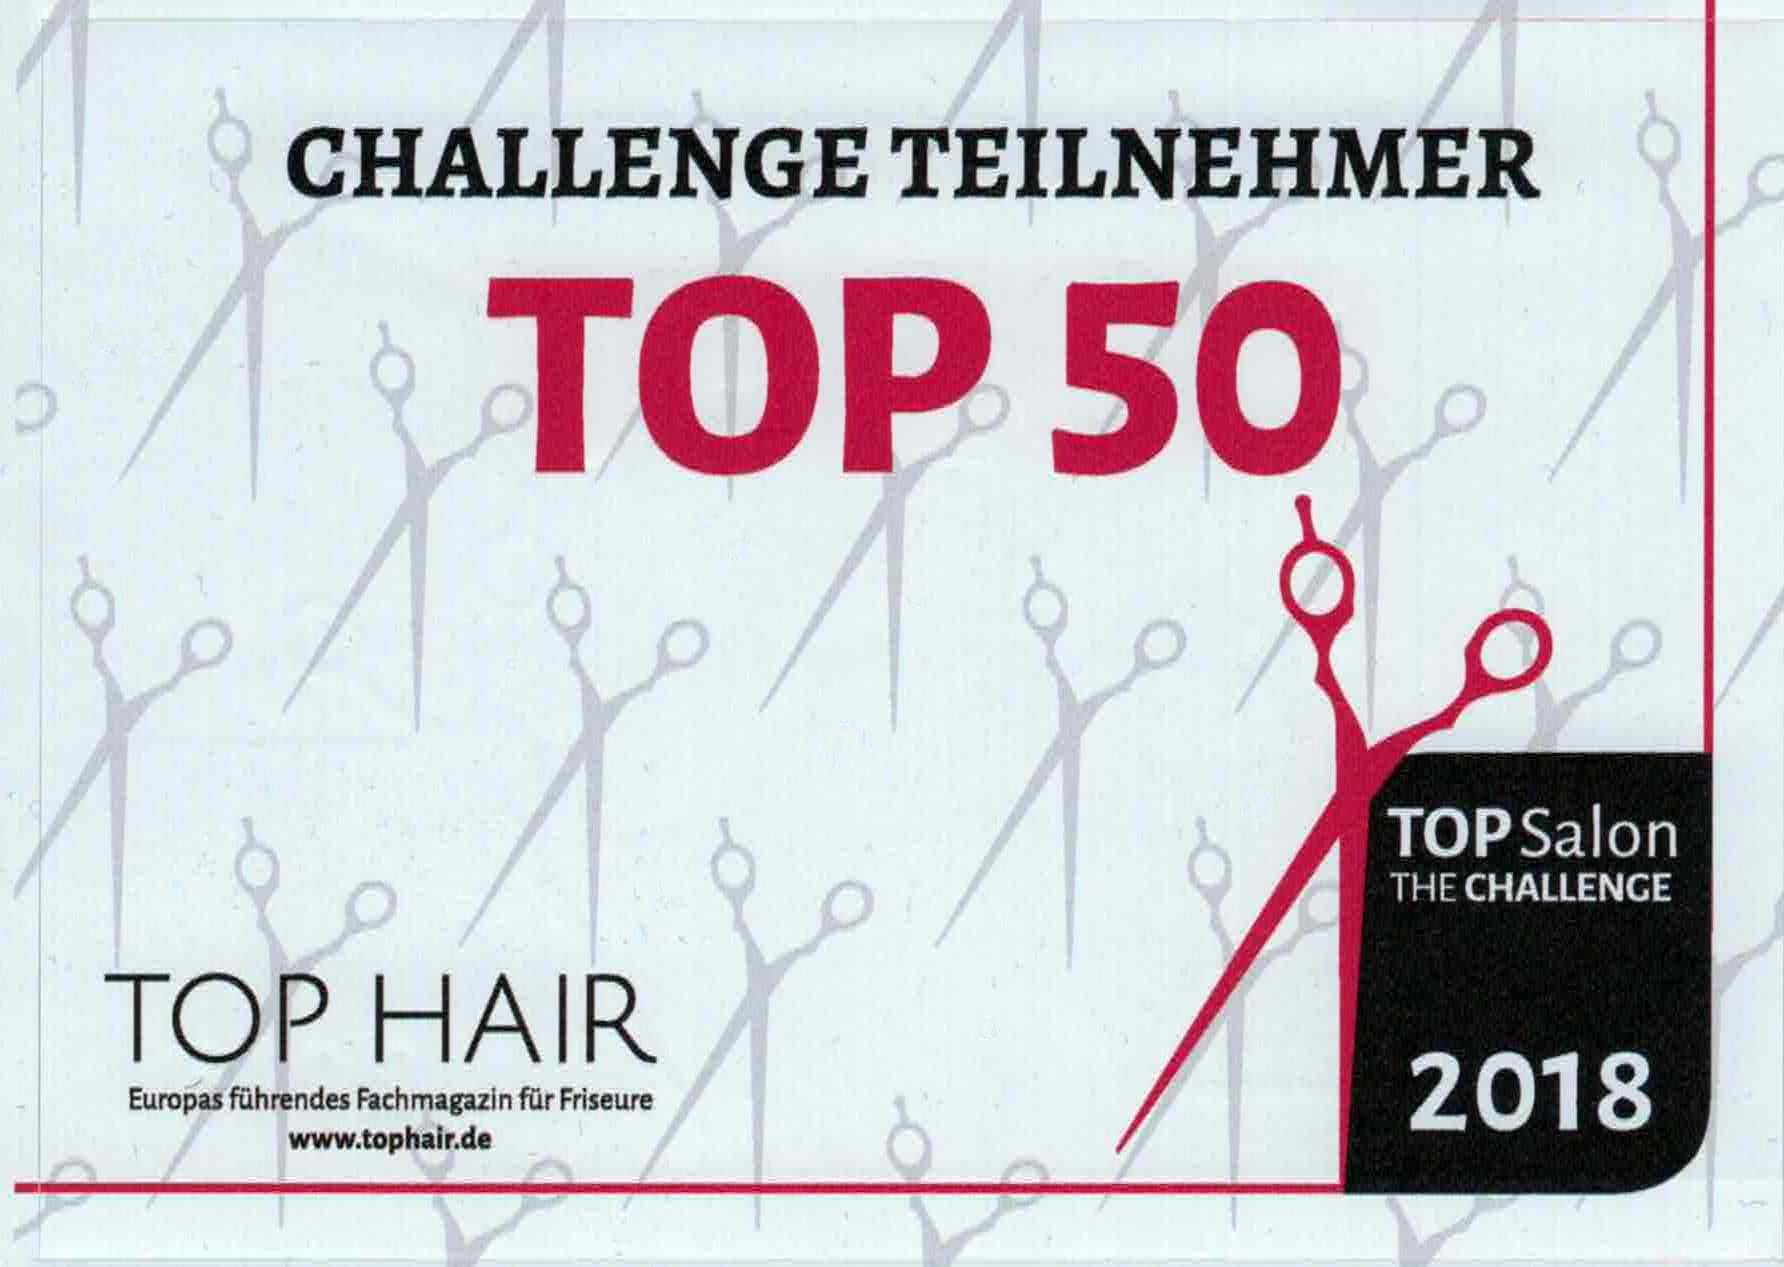 Friseur München Top 50